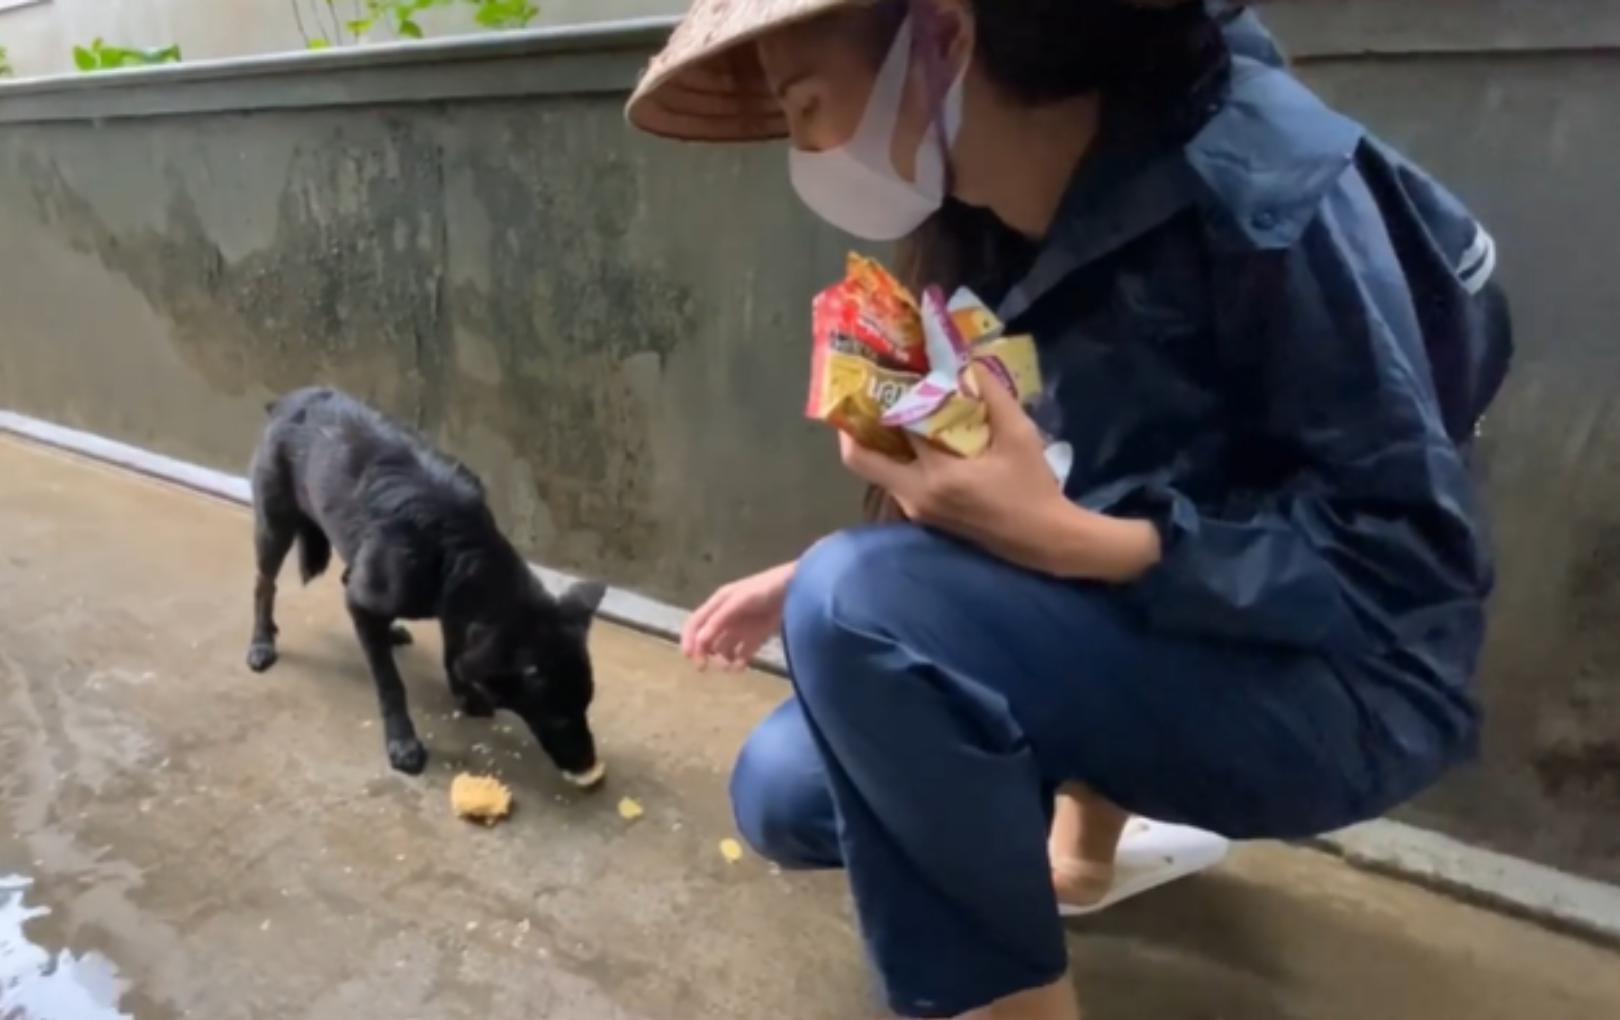 Tan chảy trước khoảnh khắc Thủy Tiên cho một chú chó ăn trên đường đi cứu trợ miền Trung